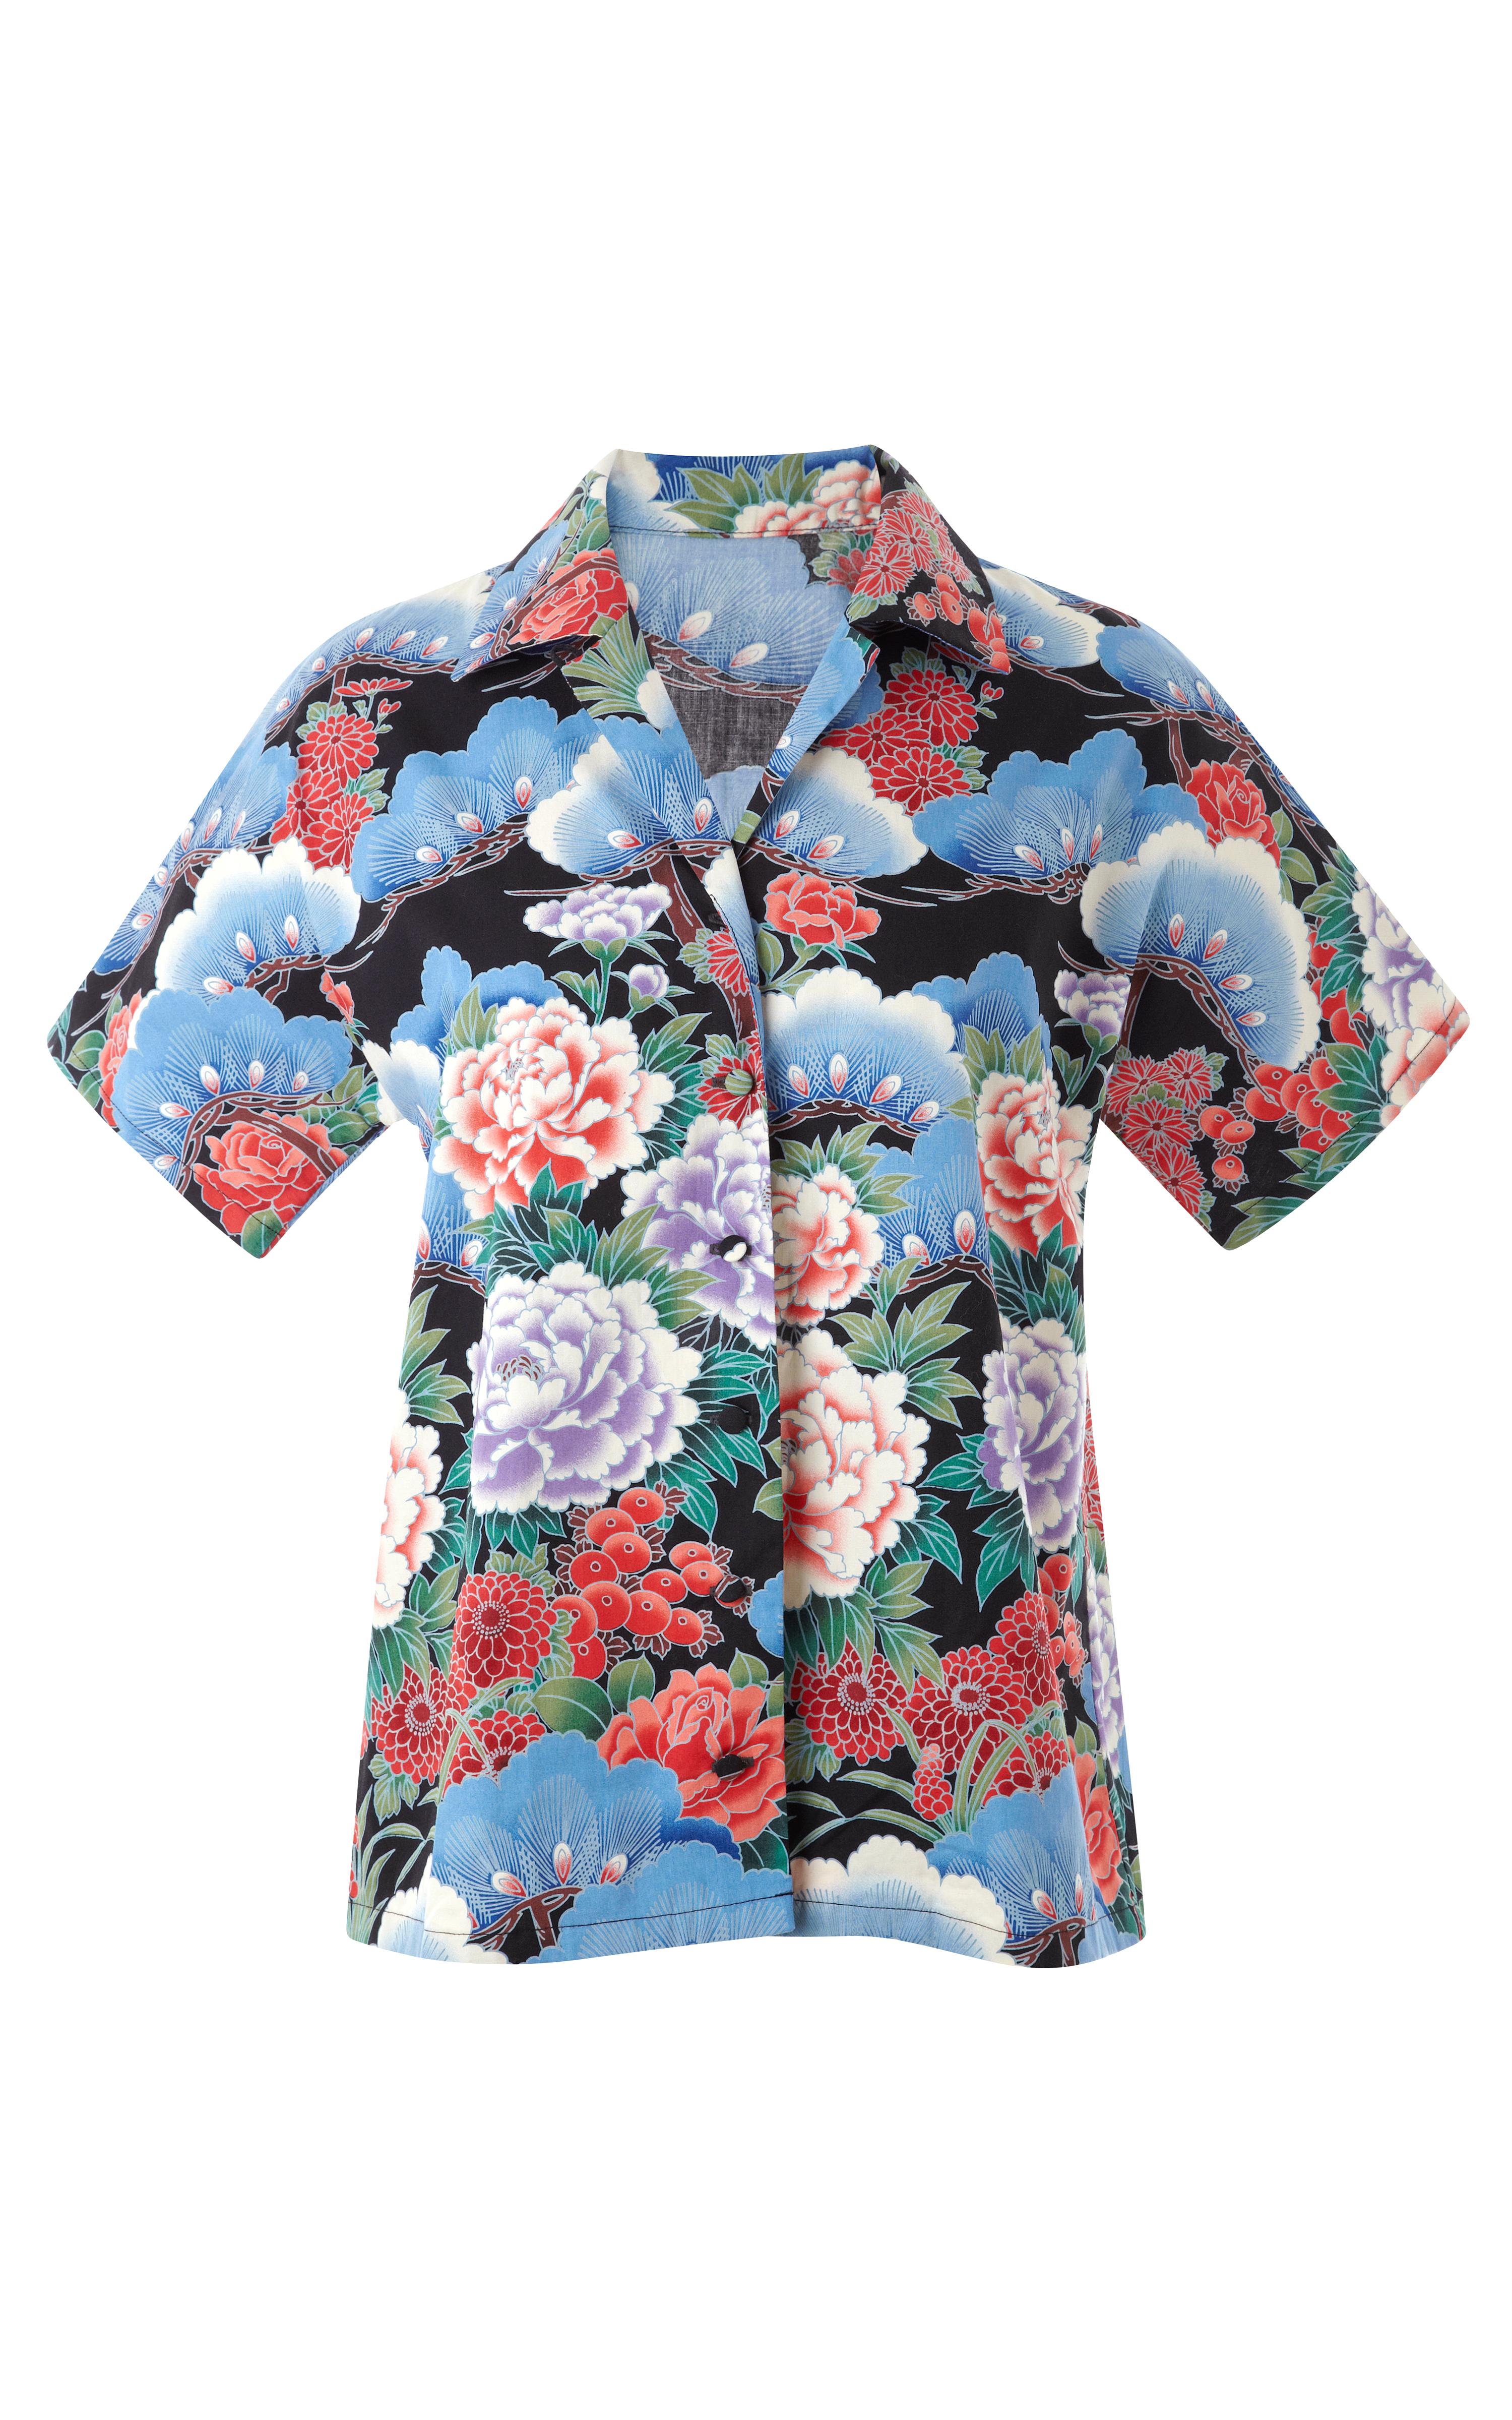 78c1c4ea323 Lyst - Awake Yakuza Floral Hawaiian Shirt in Blue